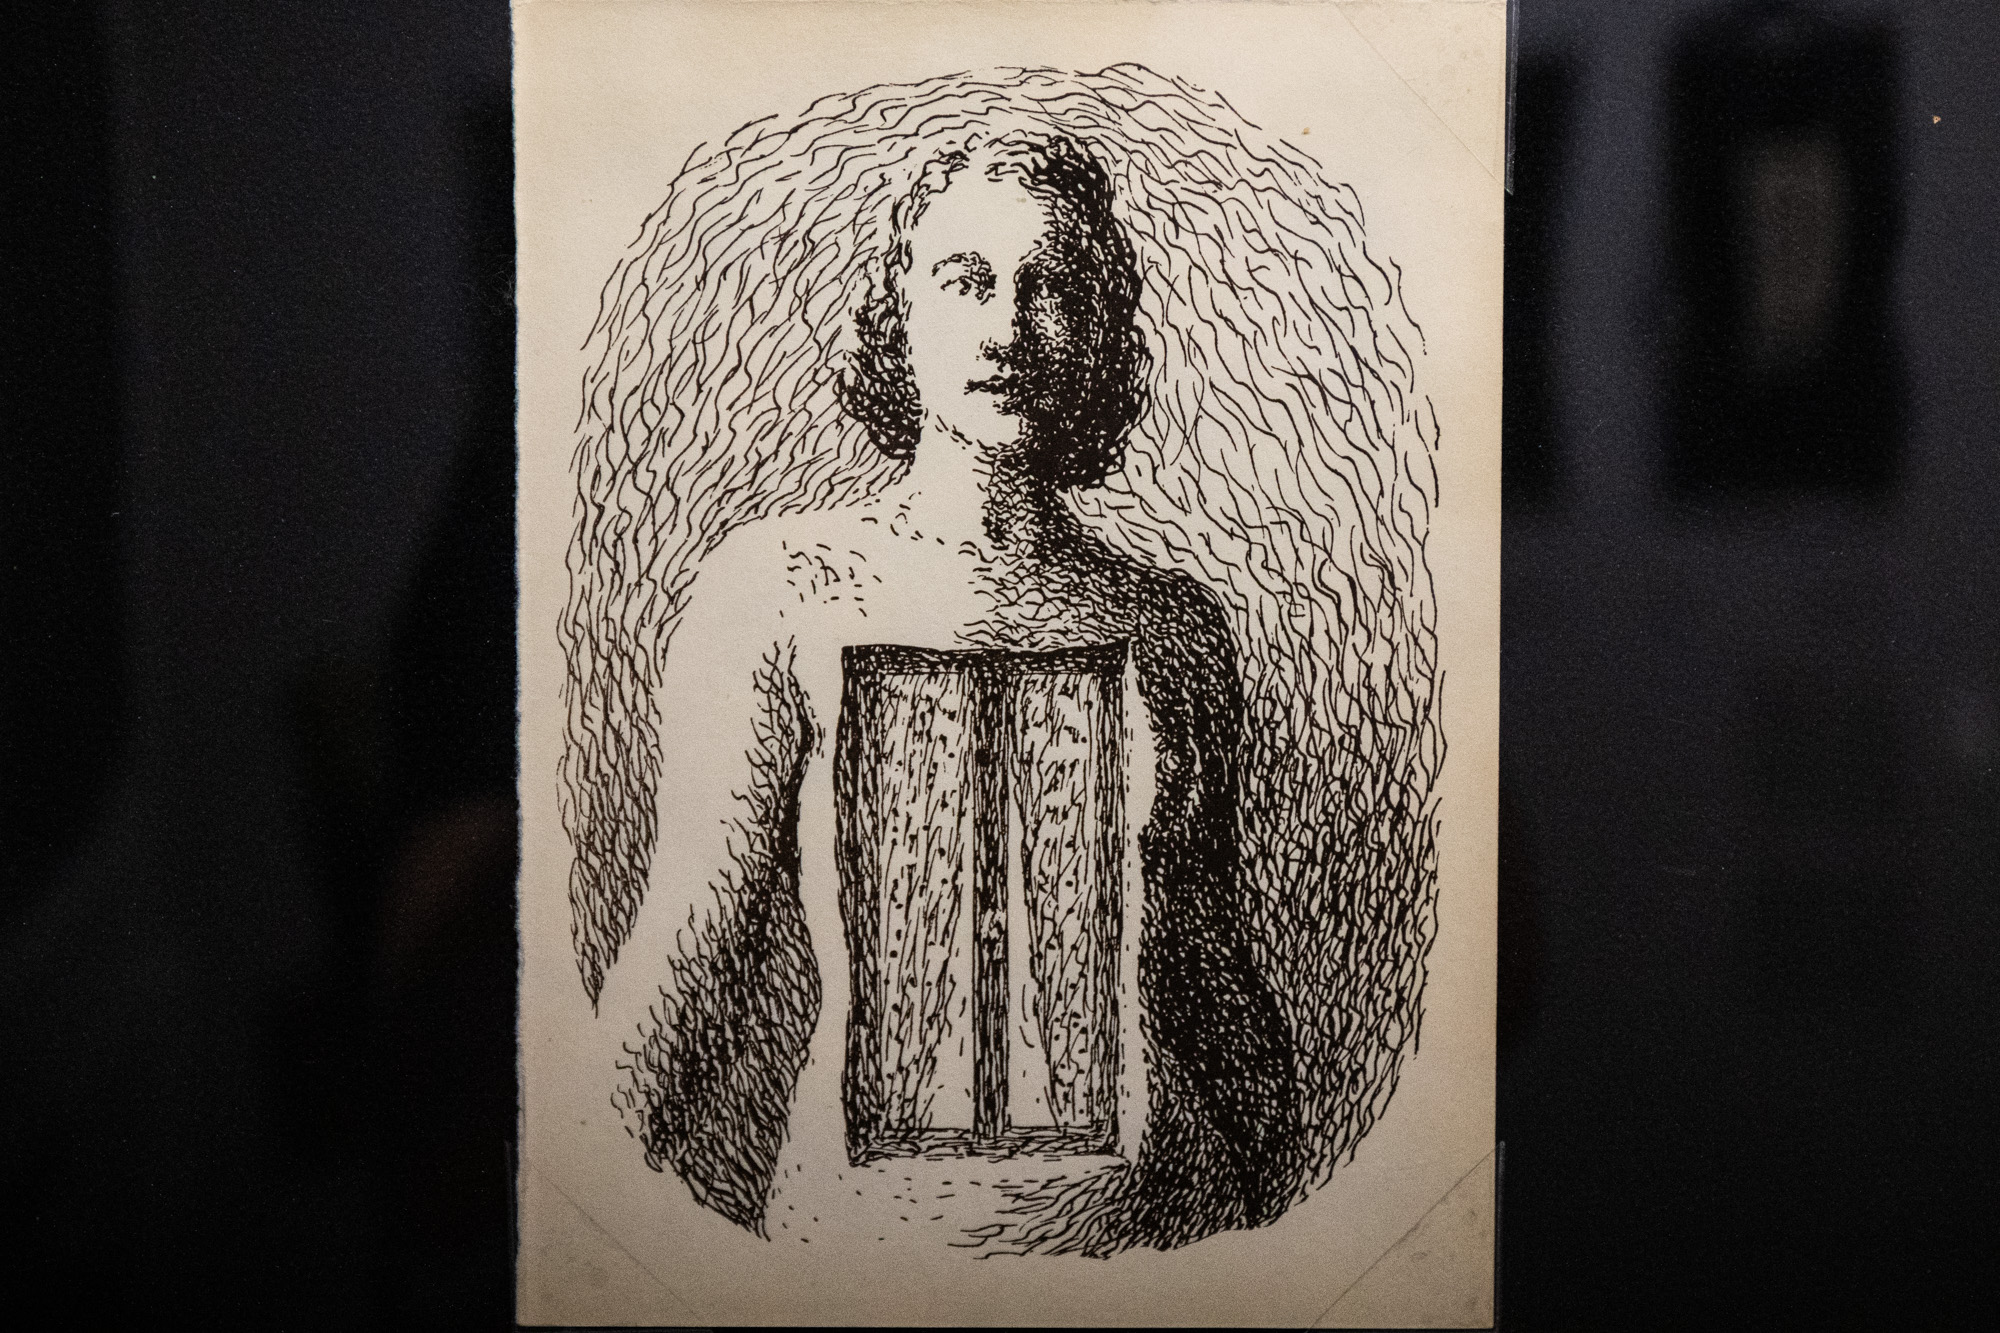 Rene Magritte paroda